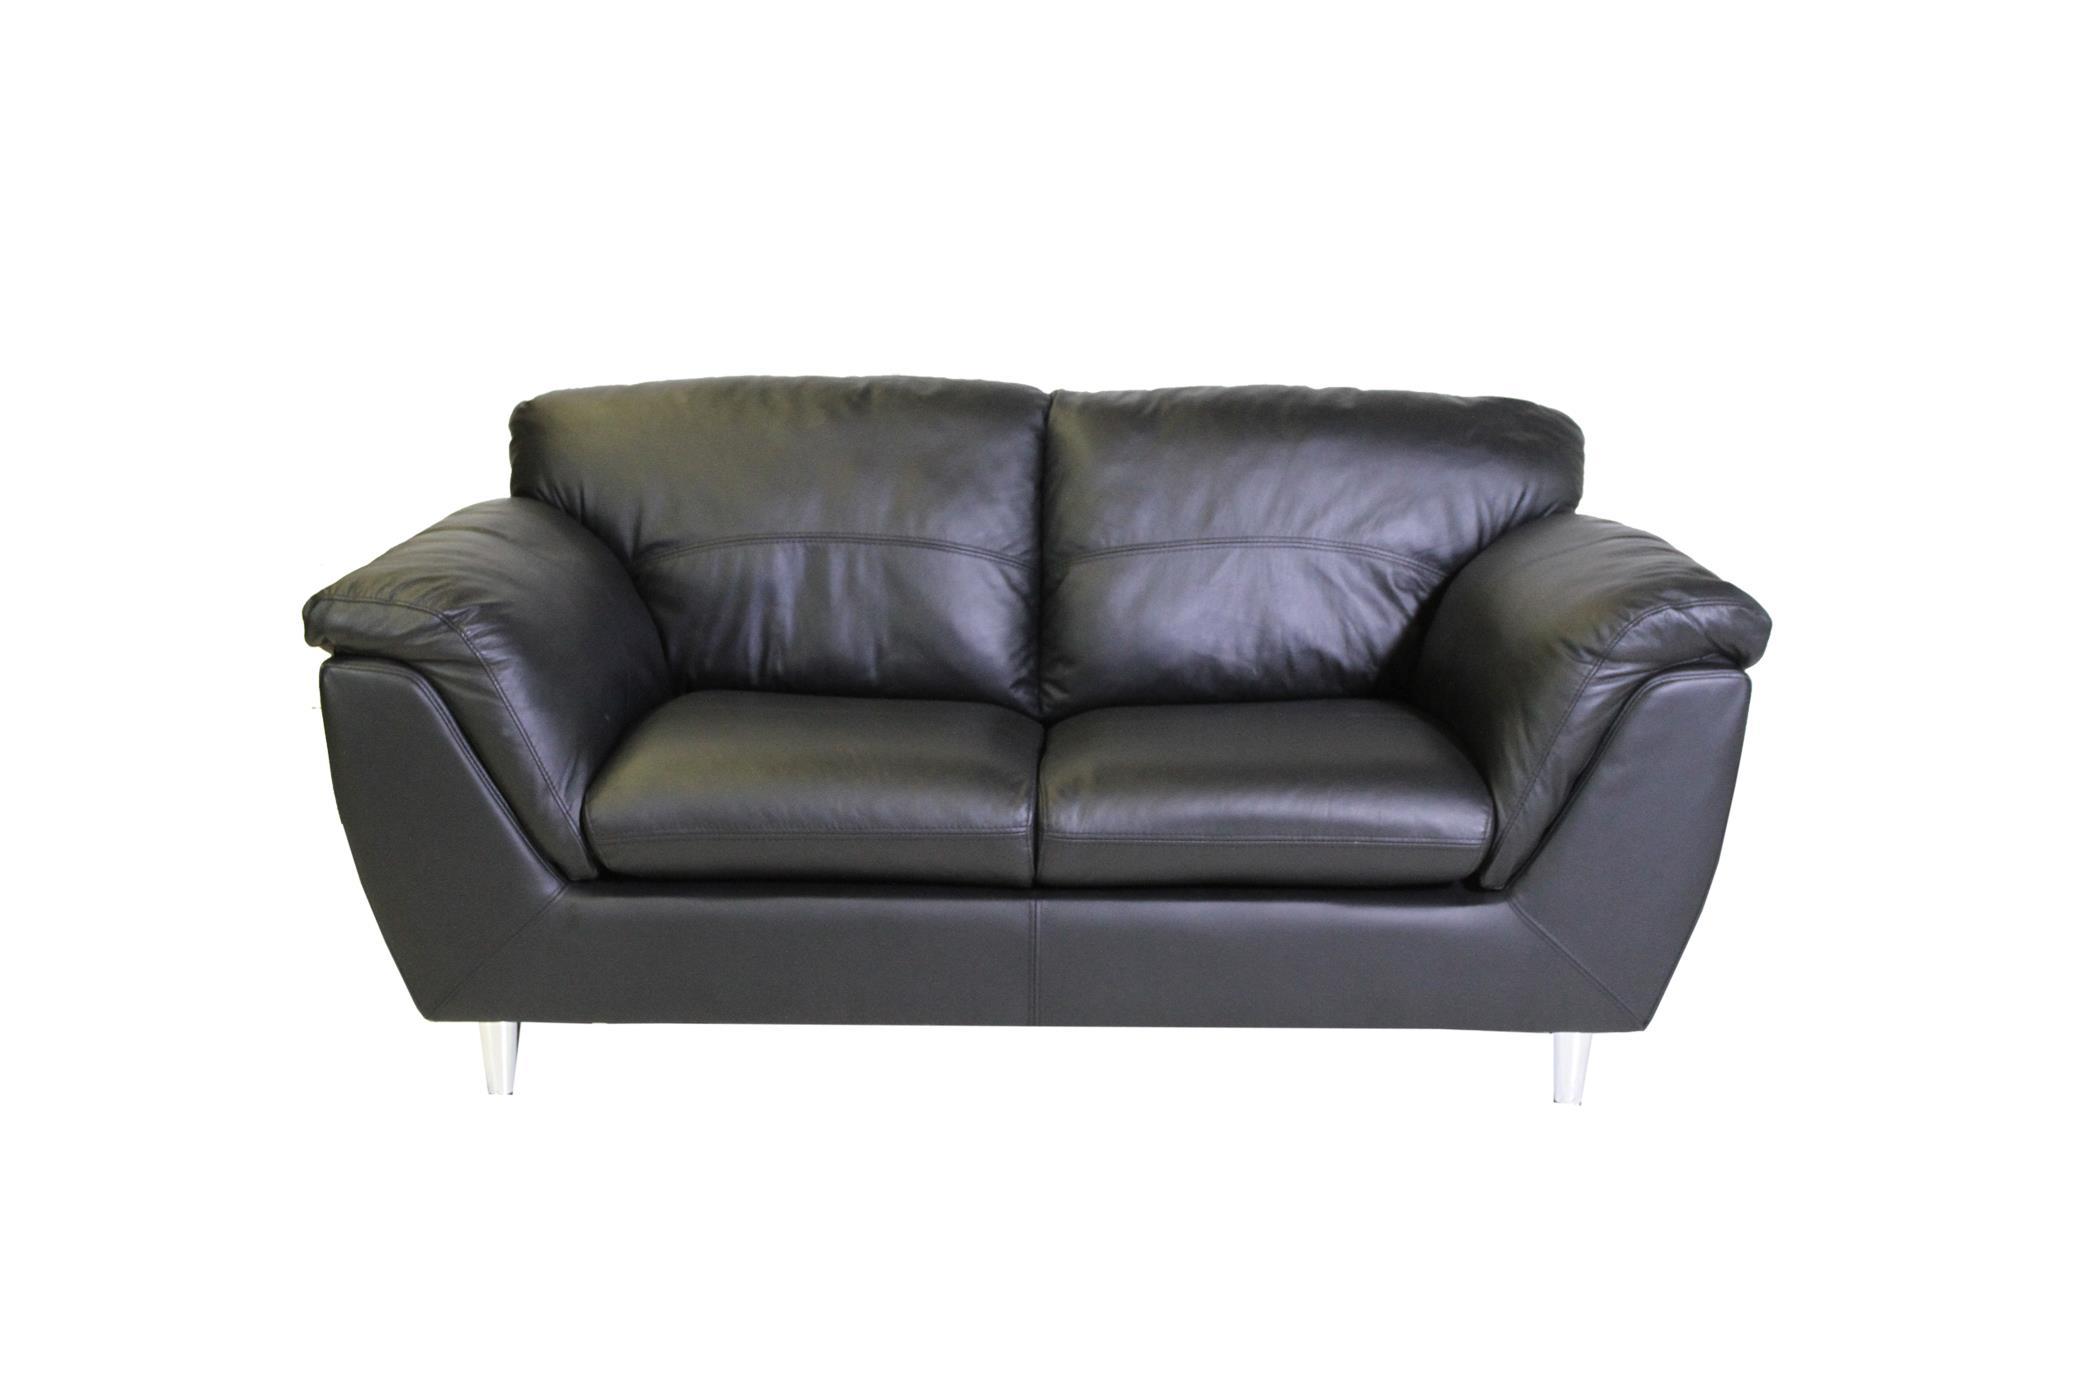 Santander Loveseat by Actona Company at HomeWorld Furniture